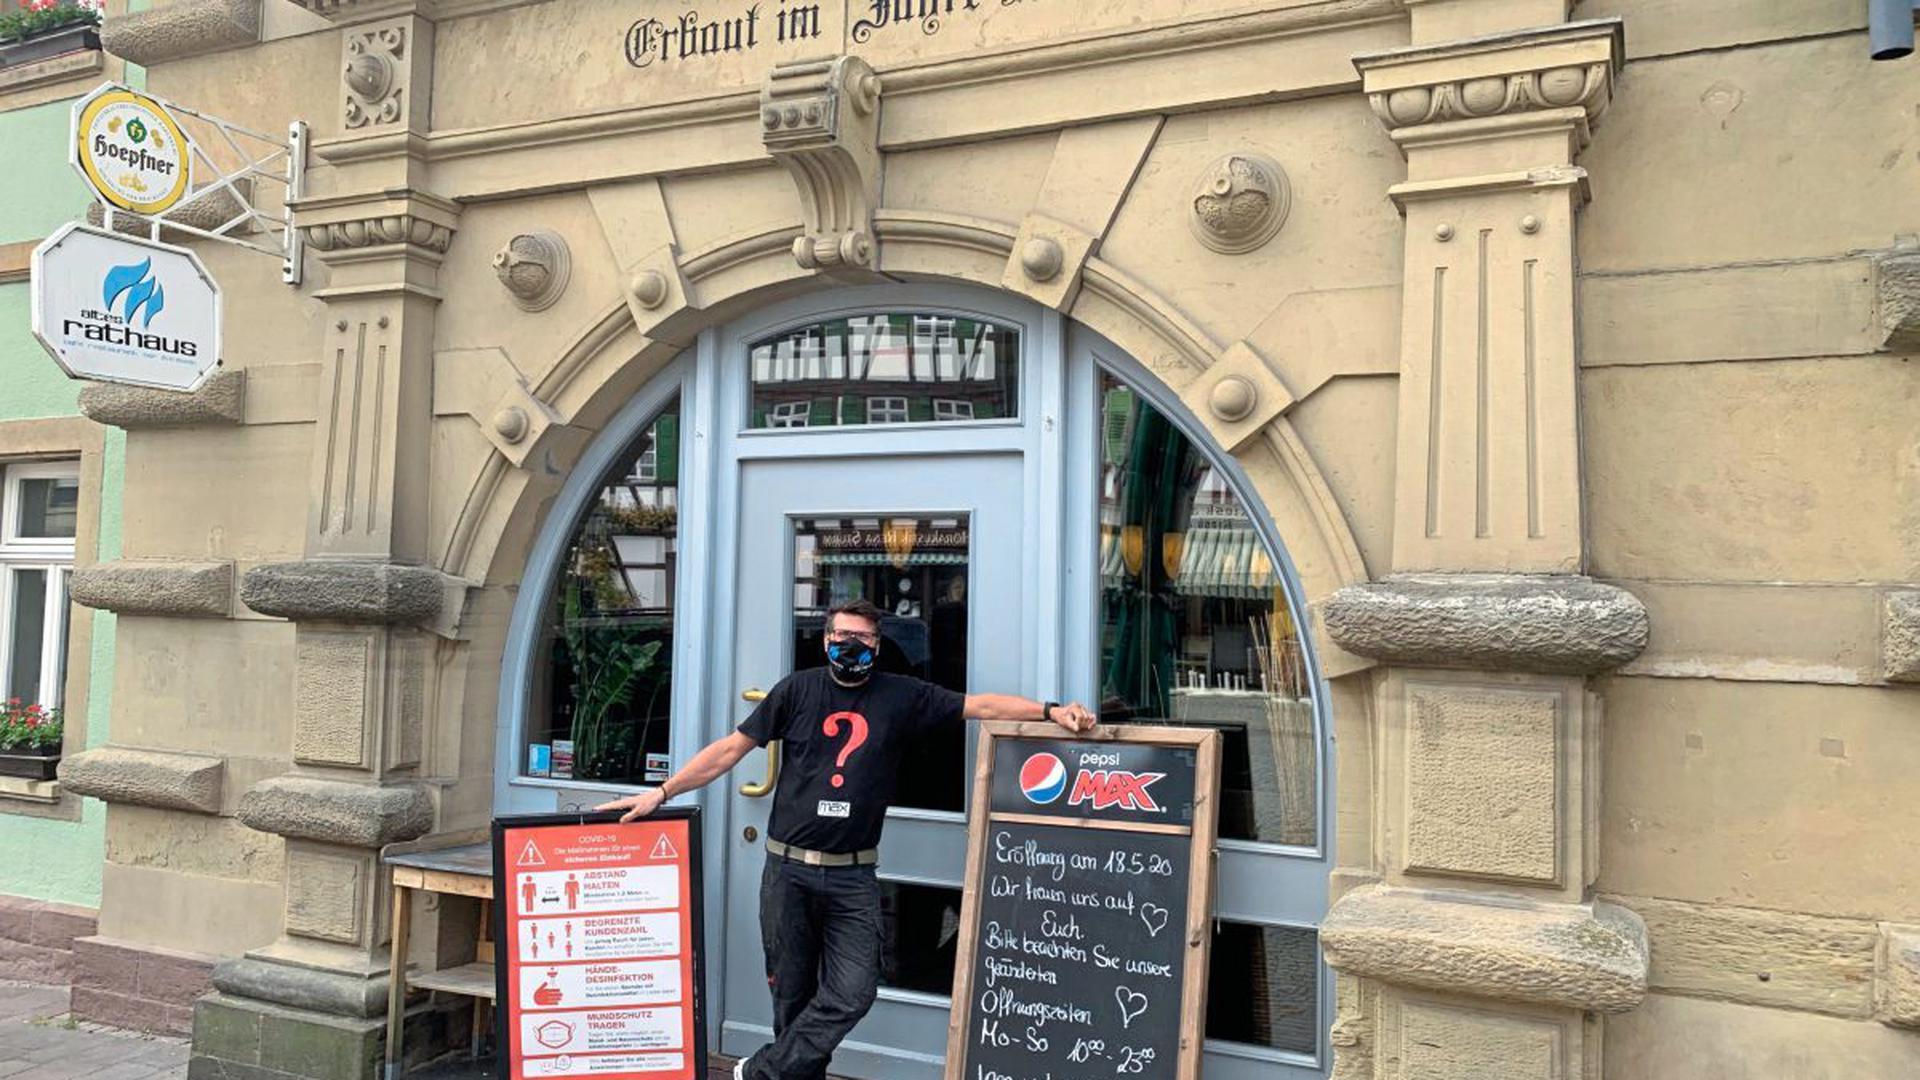 Ingo Jäger, der Inhaber der Gaststätte Altes Rathaus, hat in den vergangenen Tagen dafür gesorgt, dass in seinem Lokal beim Restart alle geforderten Abstands- und Hygienevorgaben erfüllt werden.